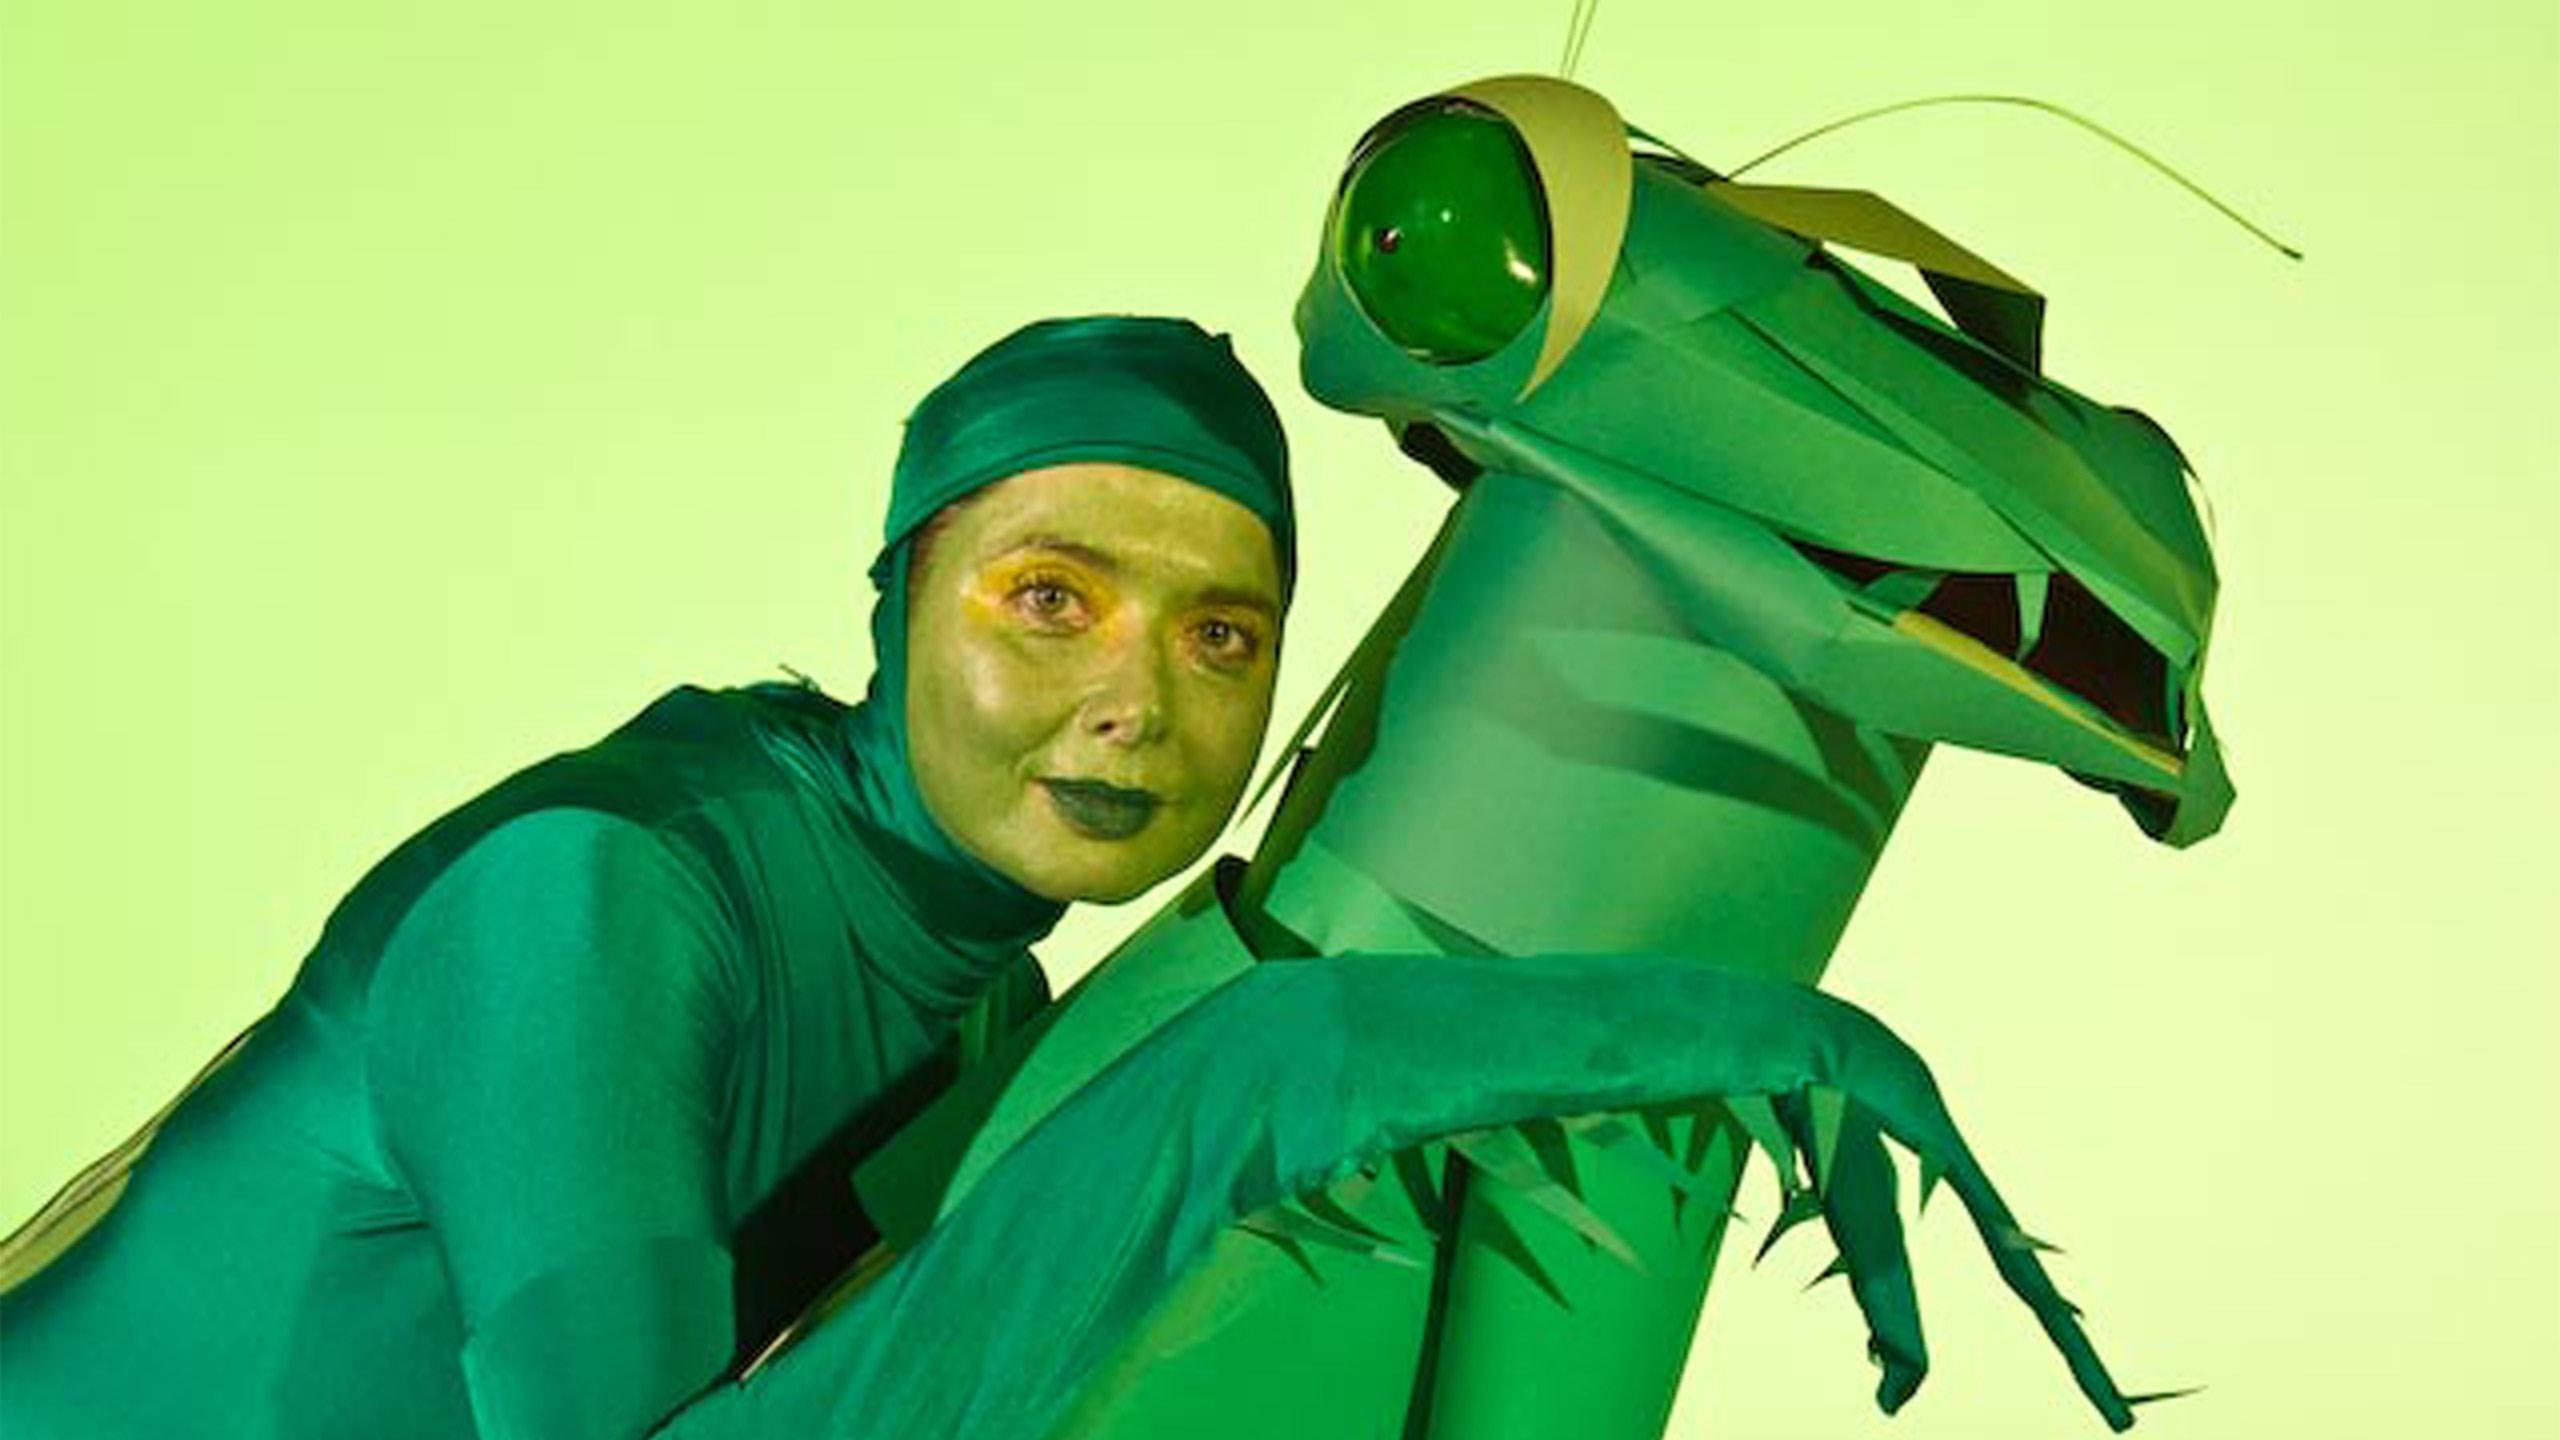 Green Porno  C2 B7 Praying Mantis